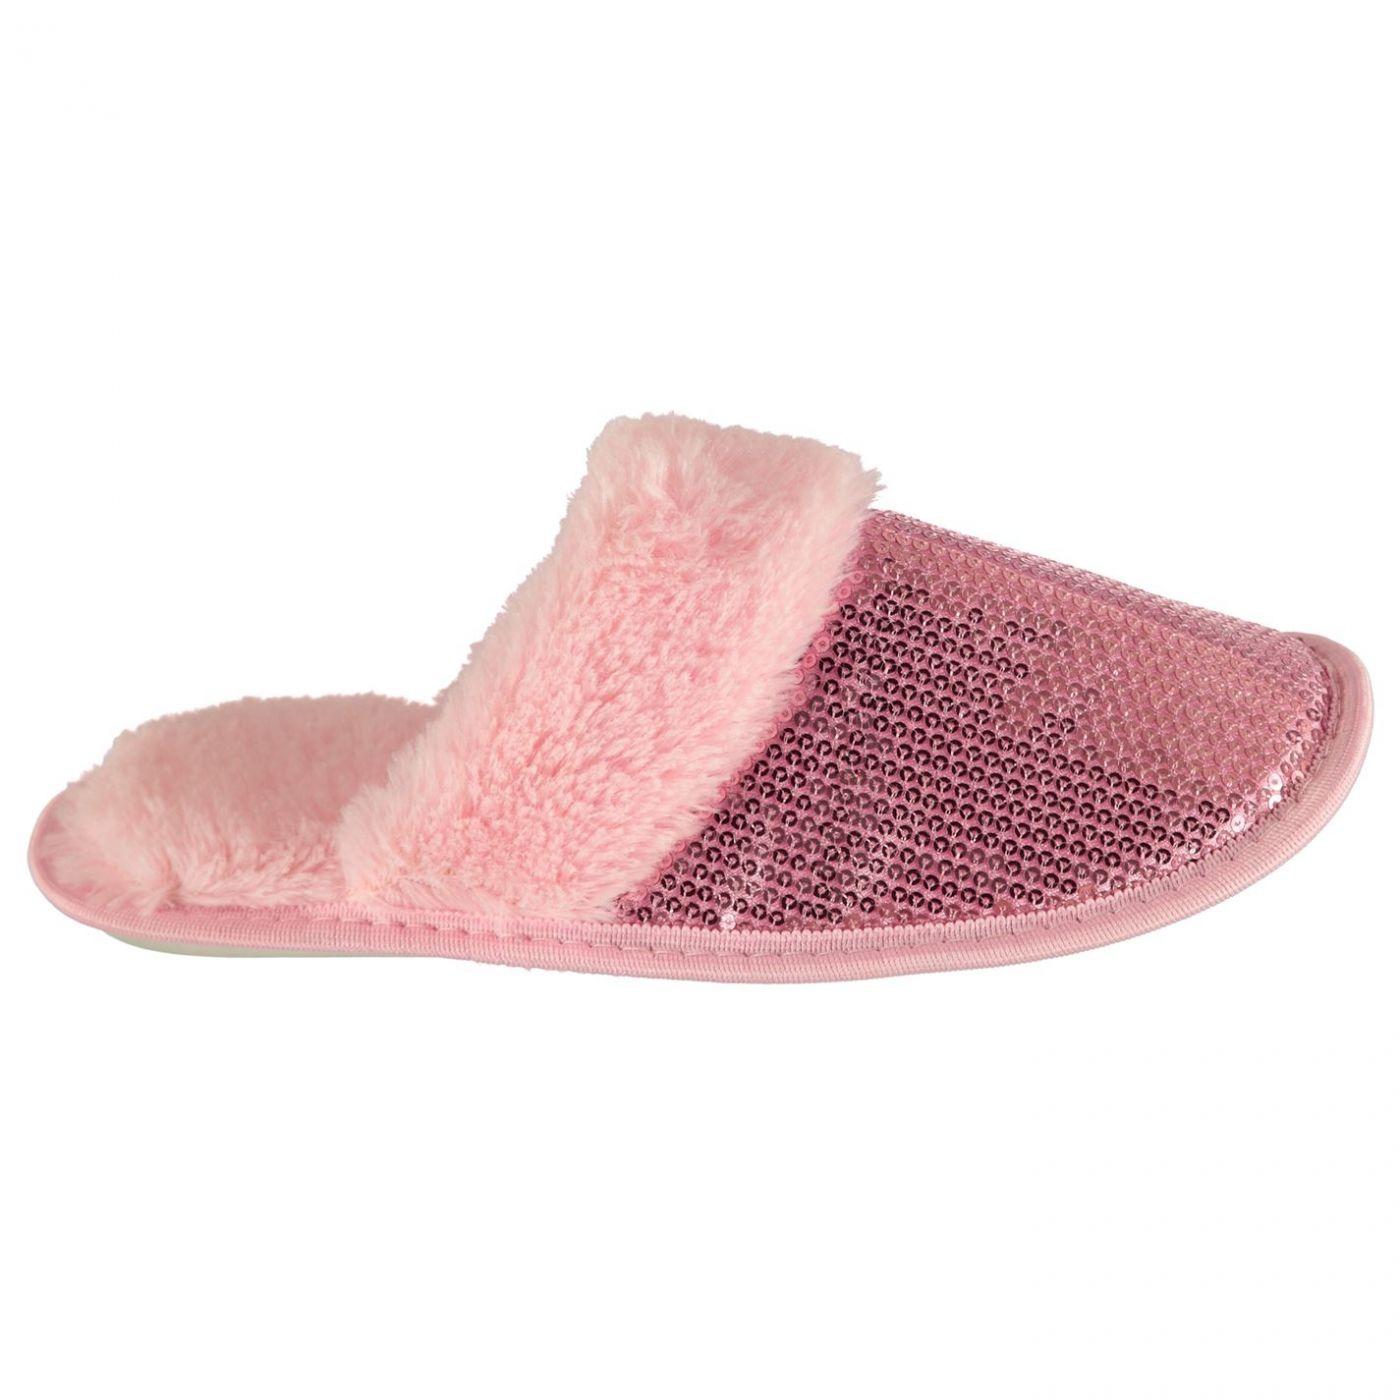 Moon Moccasin Memory Foam Women's Slippers